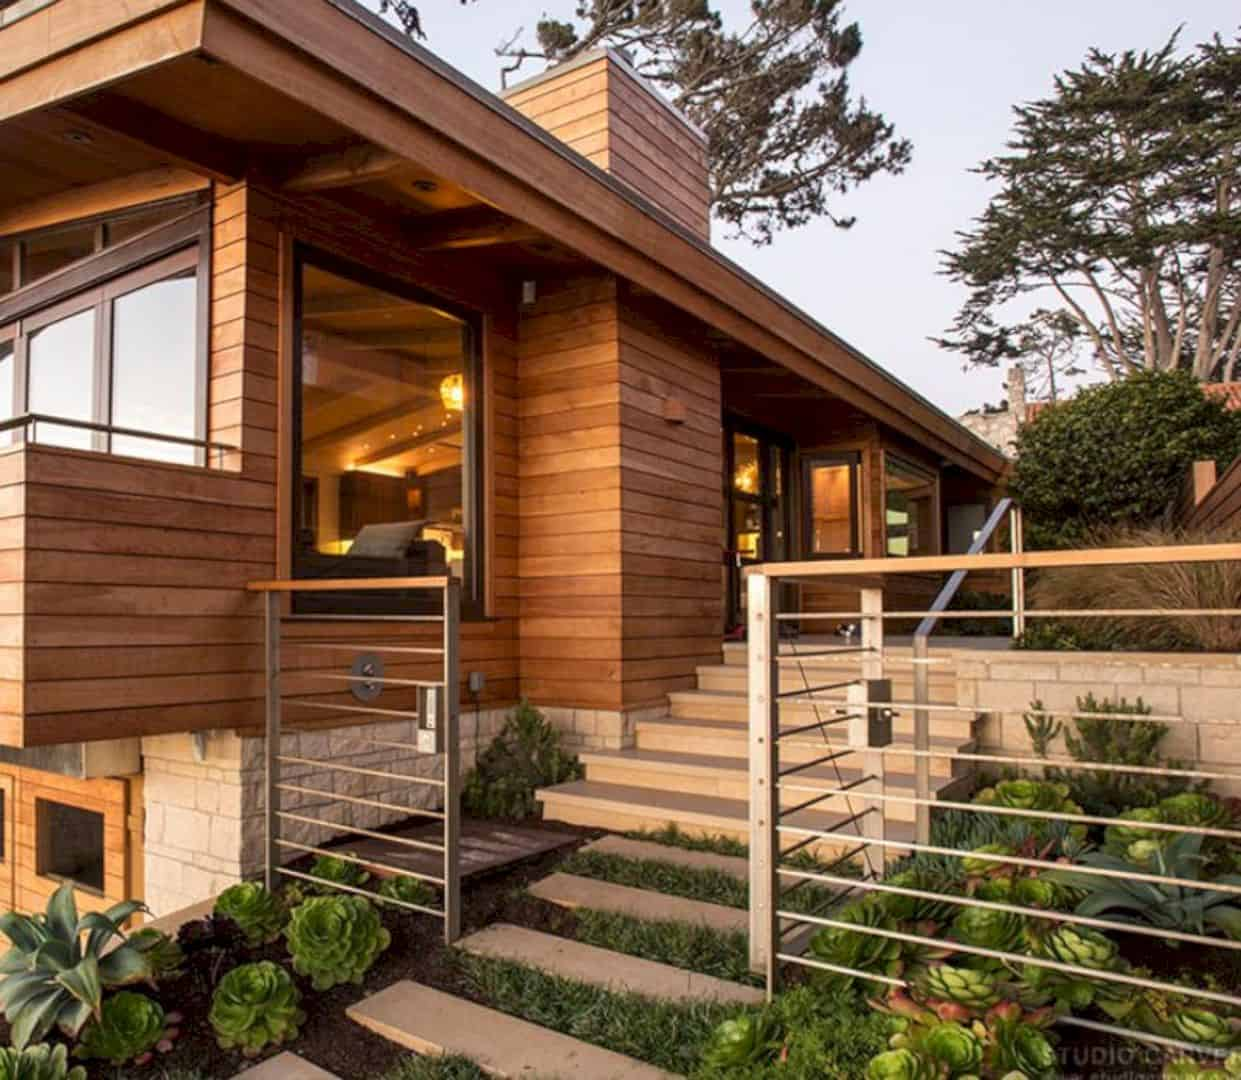 Wilder butterfly a modern wooden home with a vertical for Golden rule garage door